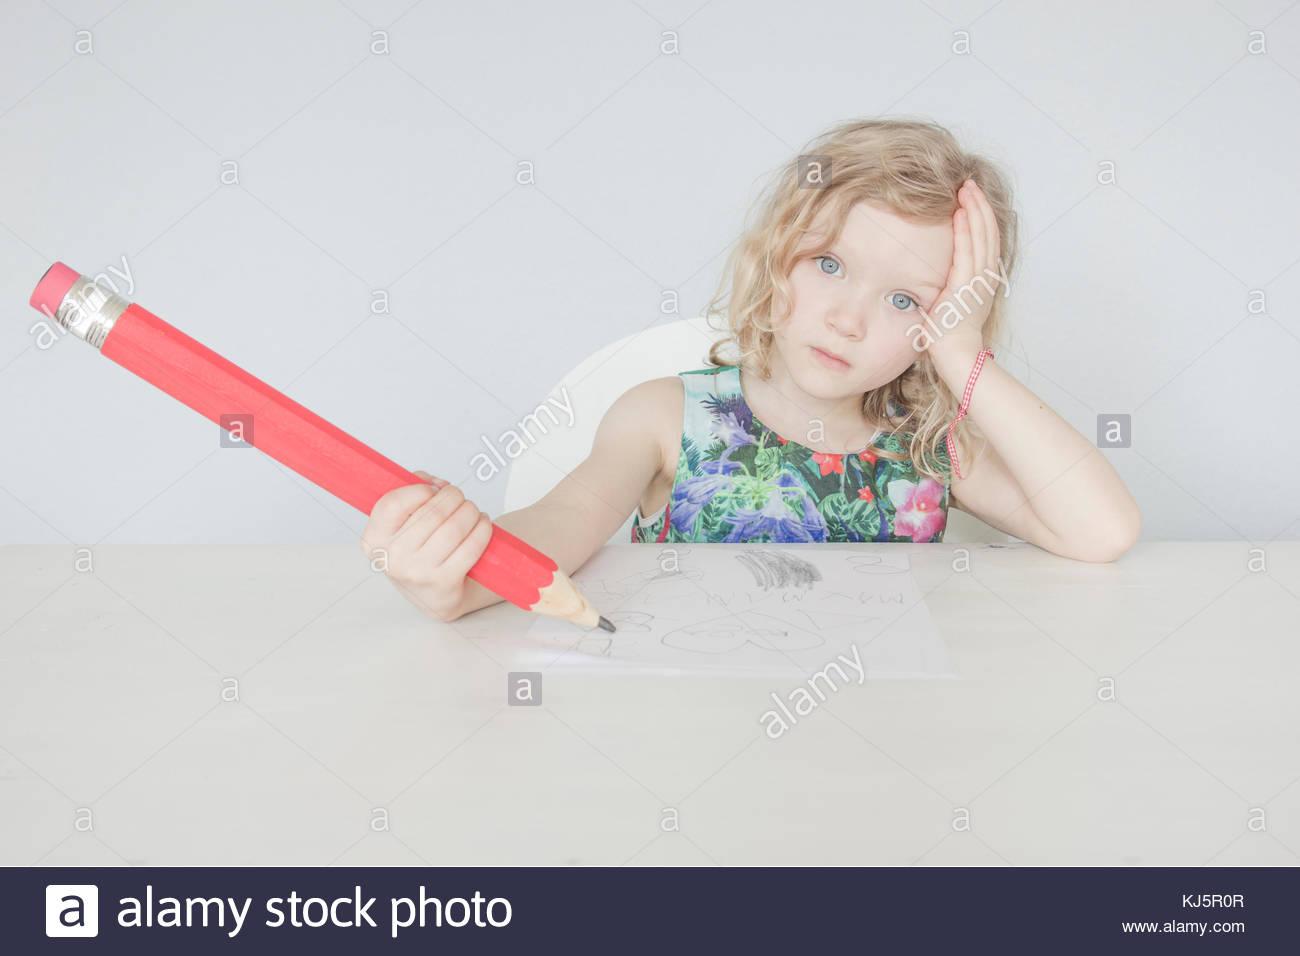 Belle blonde petite fille écrit avec un gros stylo Photo Stock